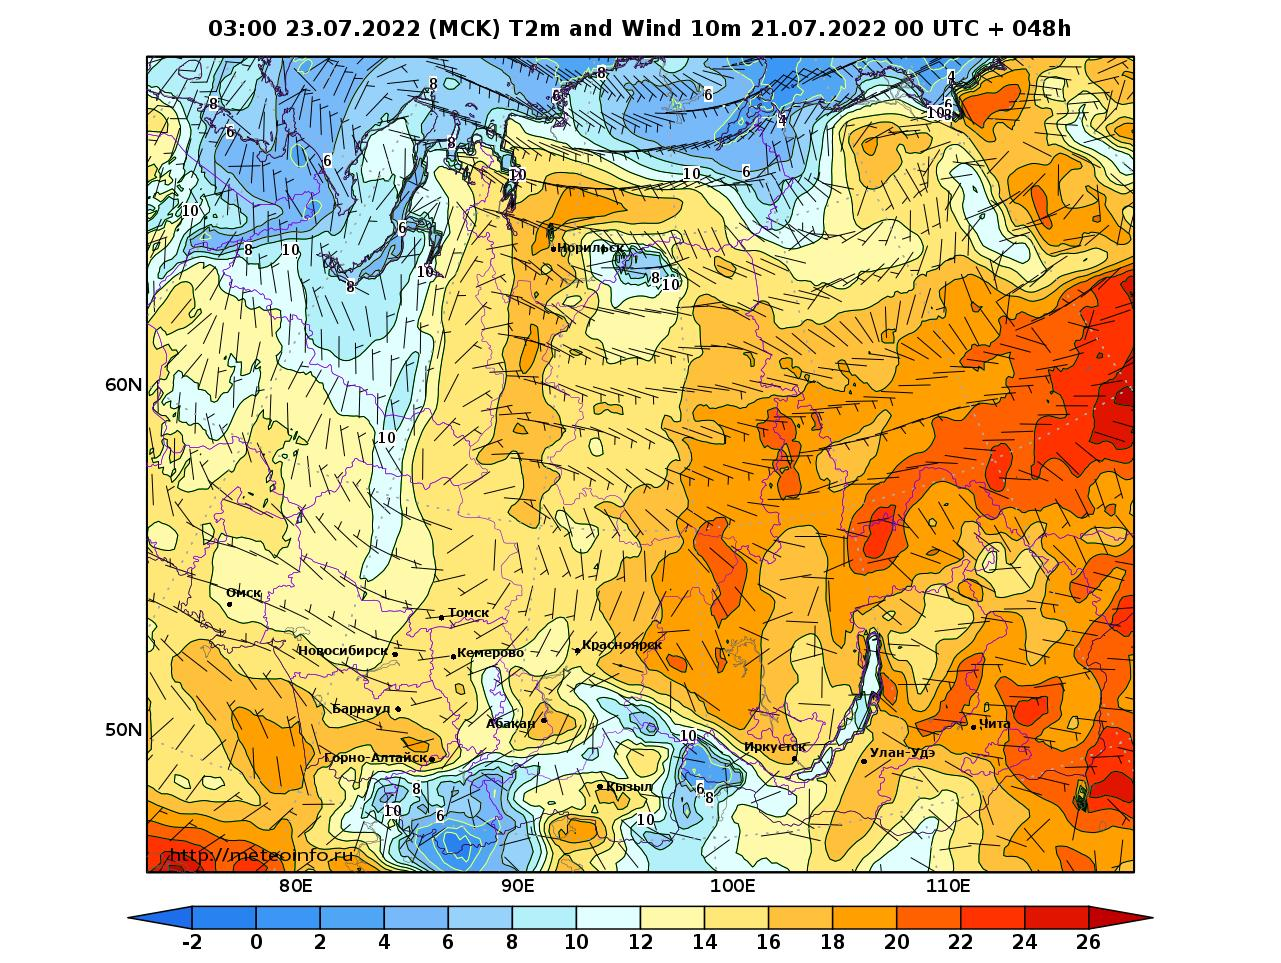 Сибирский Федеральный округ, прогностическая карта приземная температура, заблаговременность прогноза 48 часов